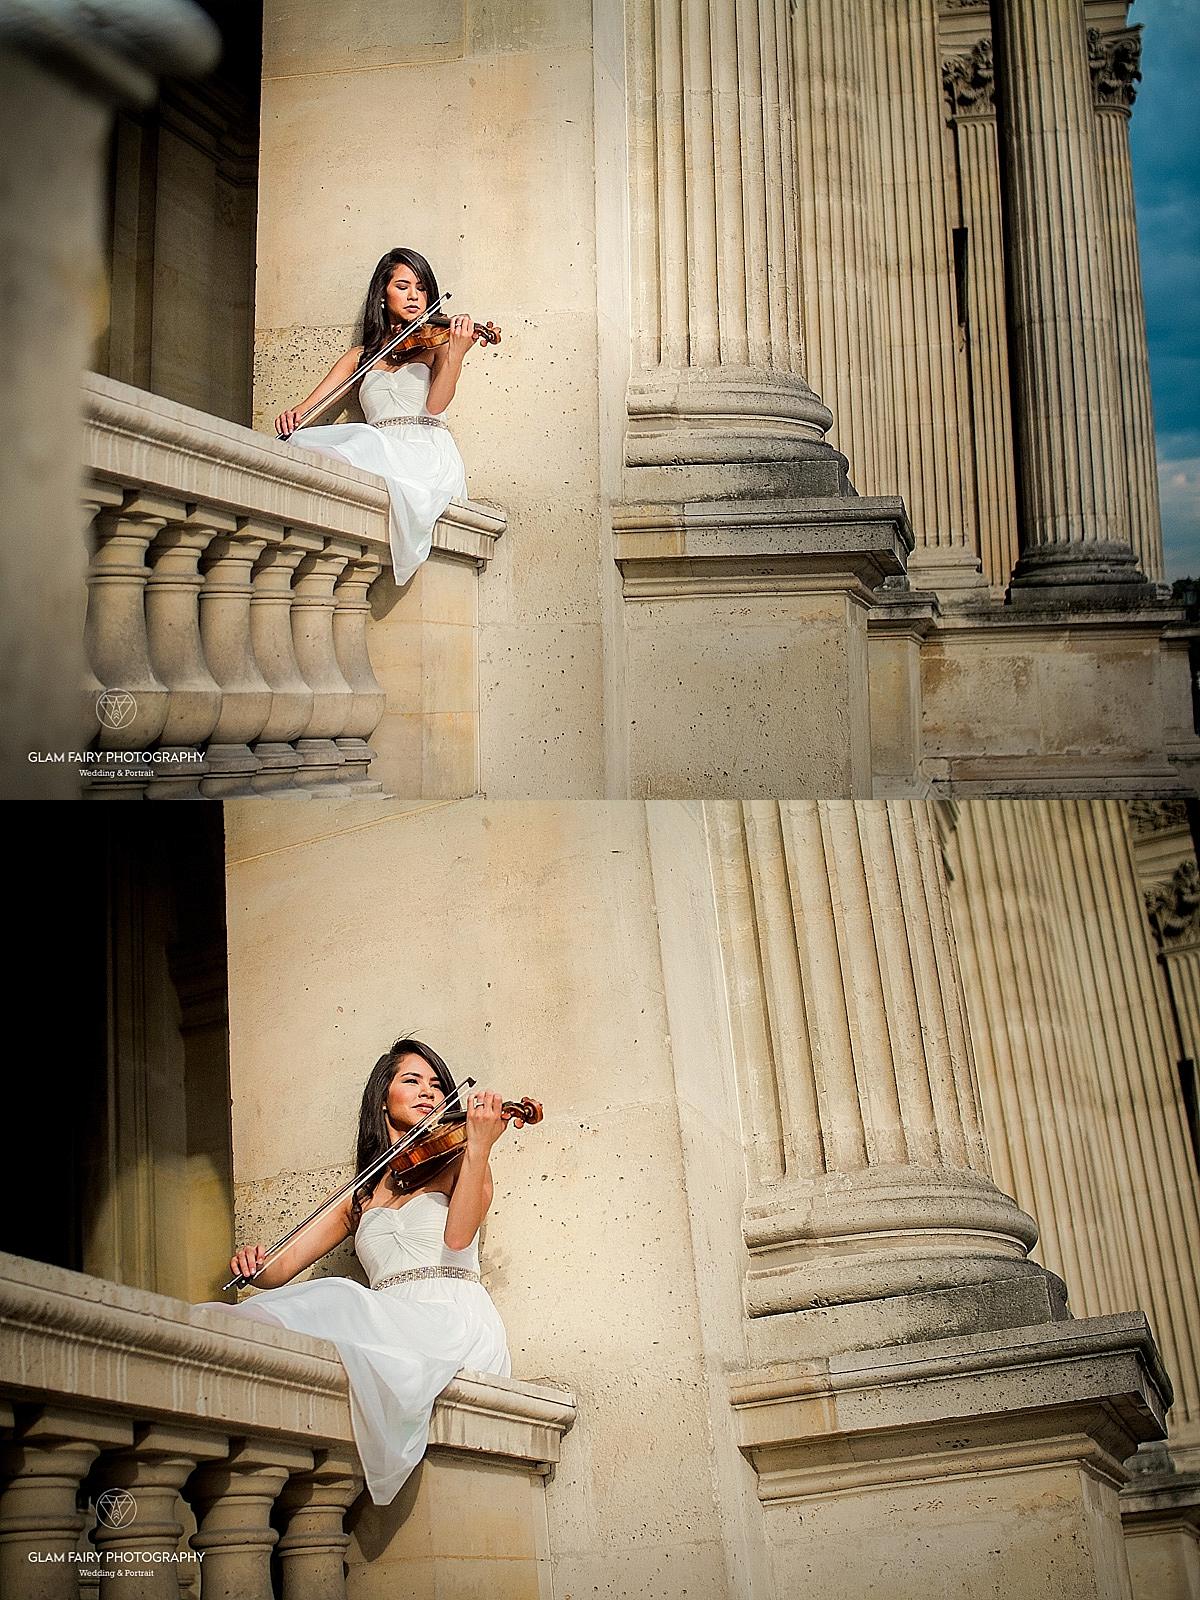 GlamFairyPhotography-seance-portrait-femme-violoniste-paris-michelle_0004